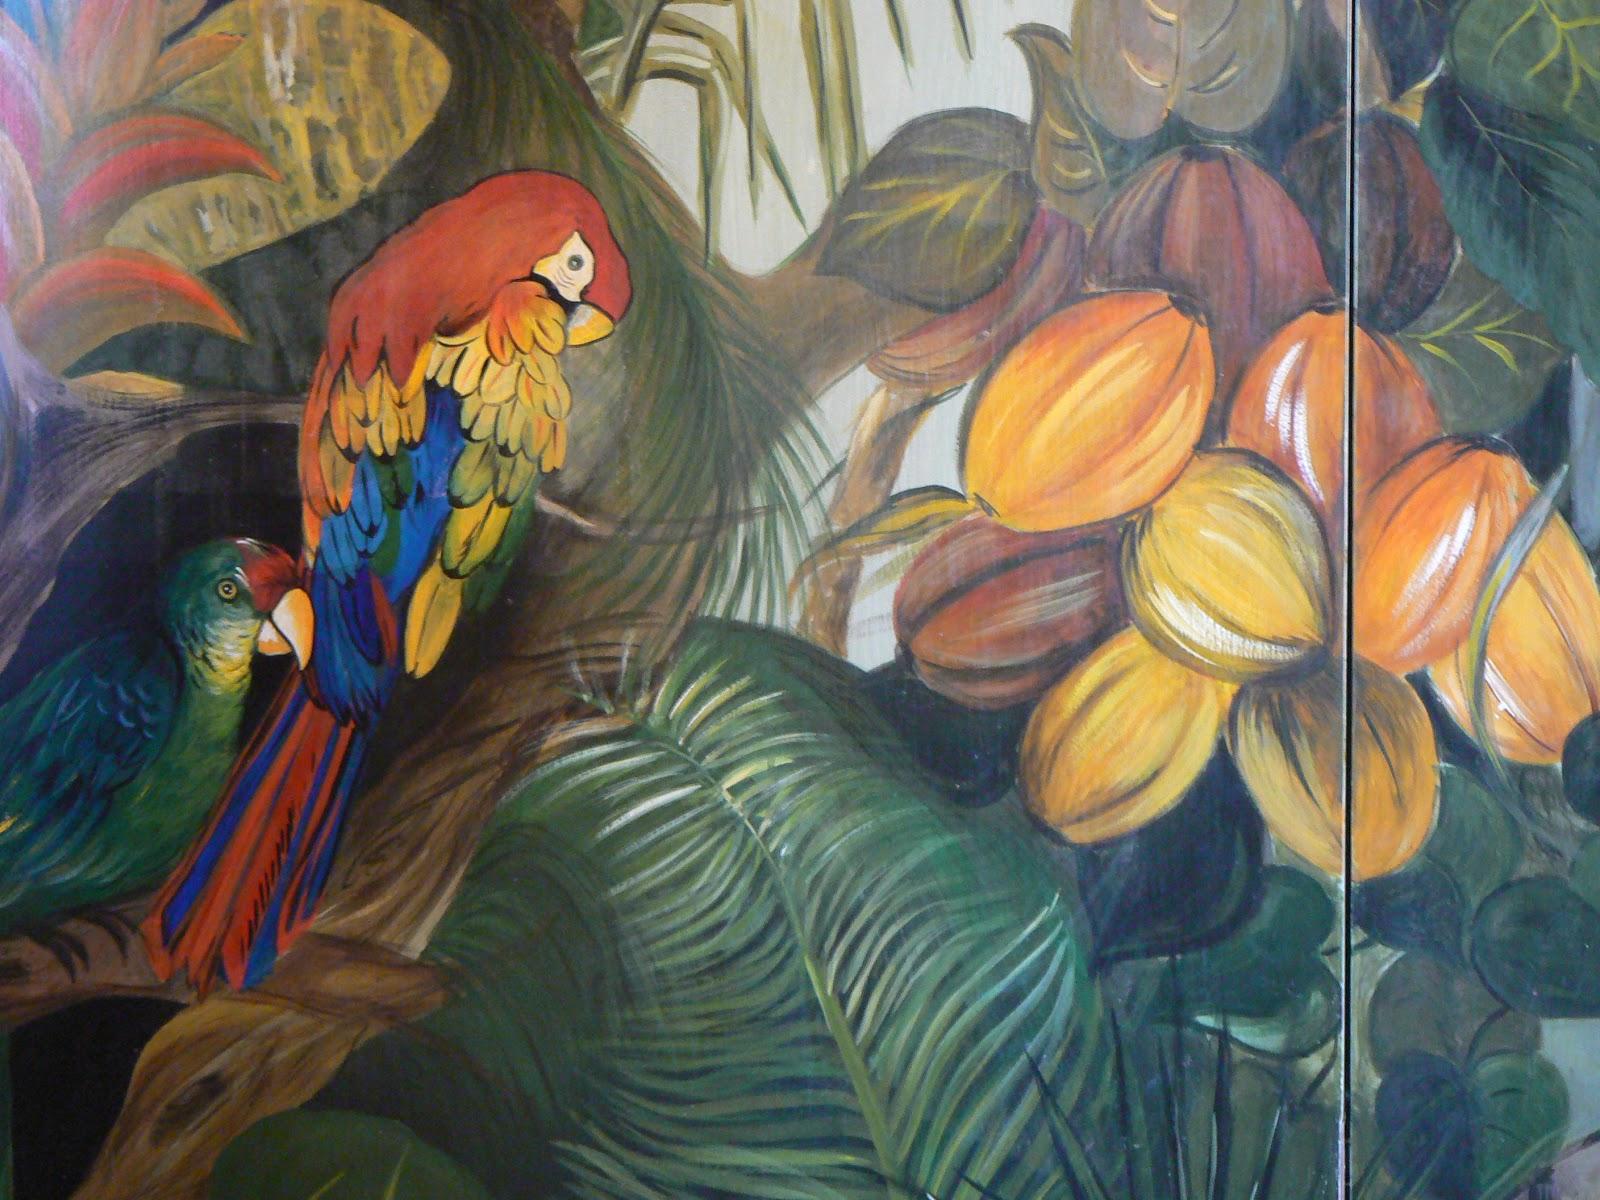 Mirinart armadio a muro dipinto come una giungla for Decorare un muro